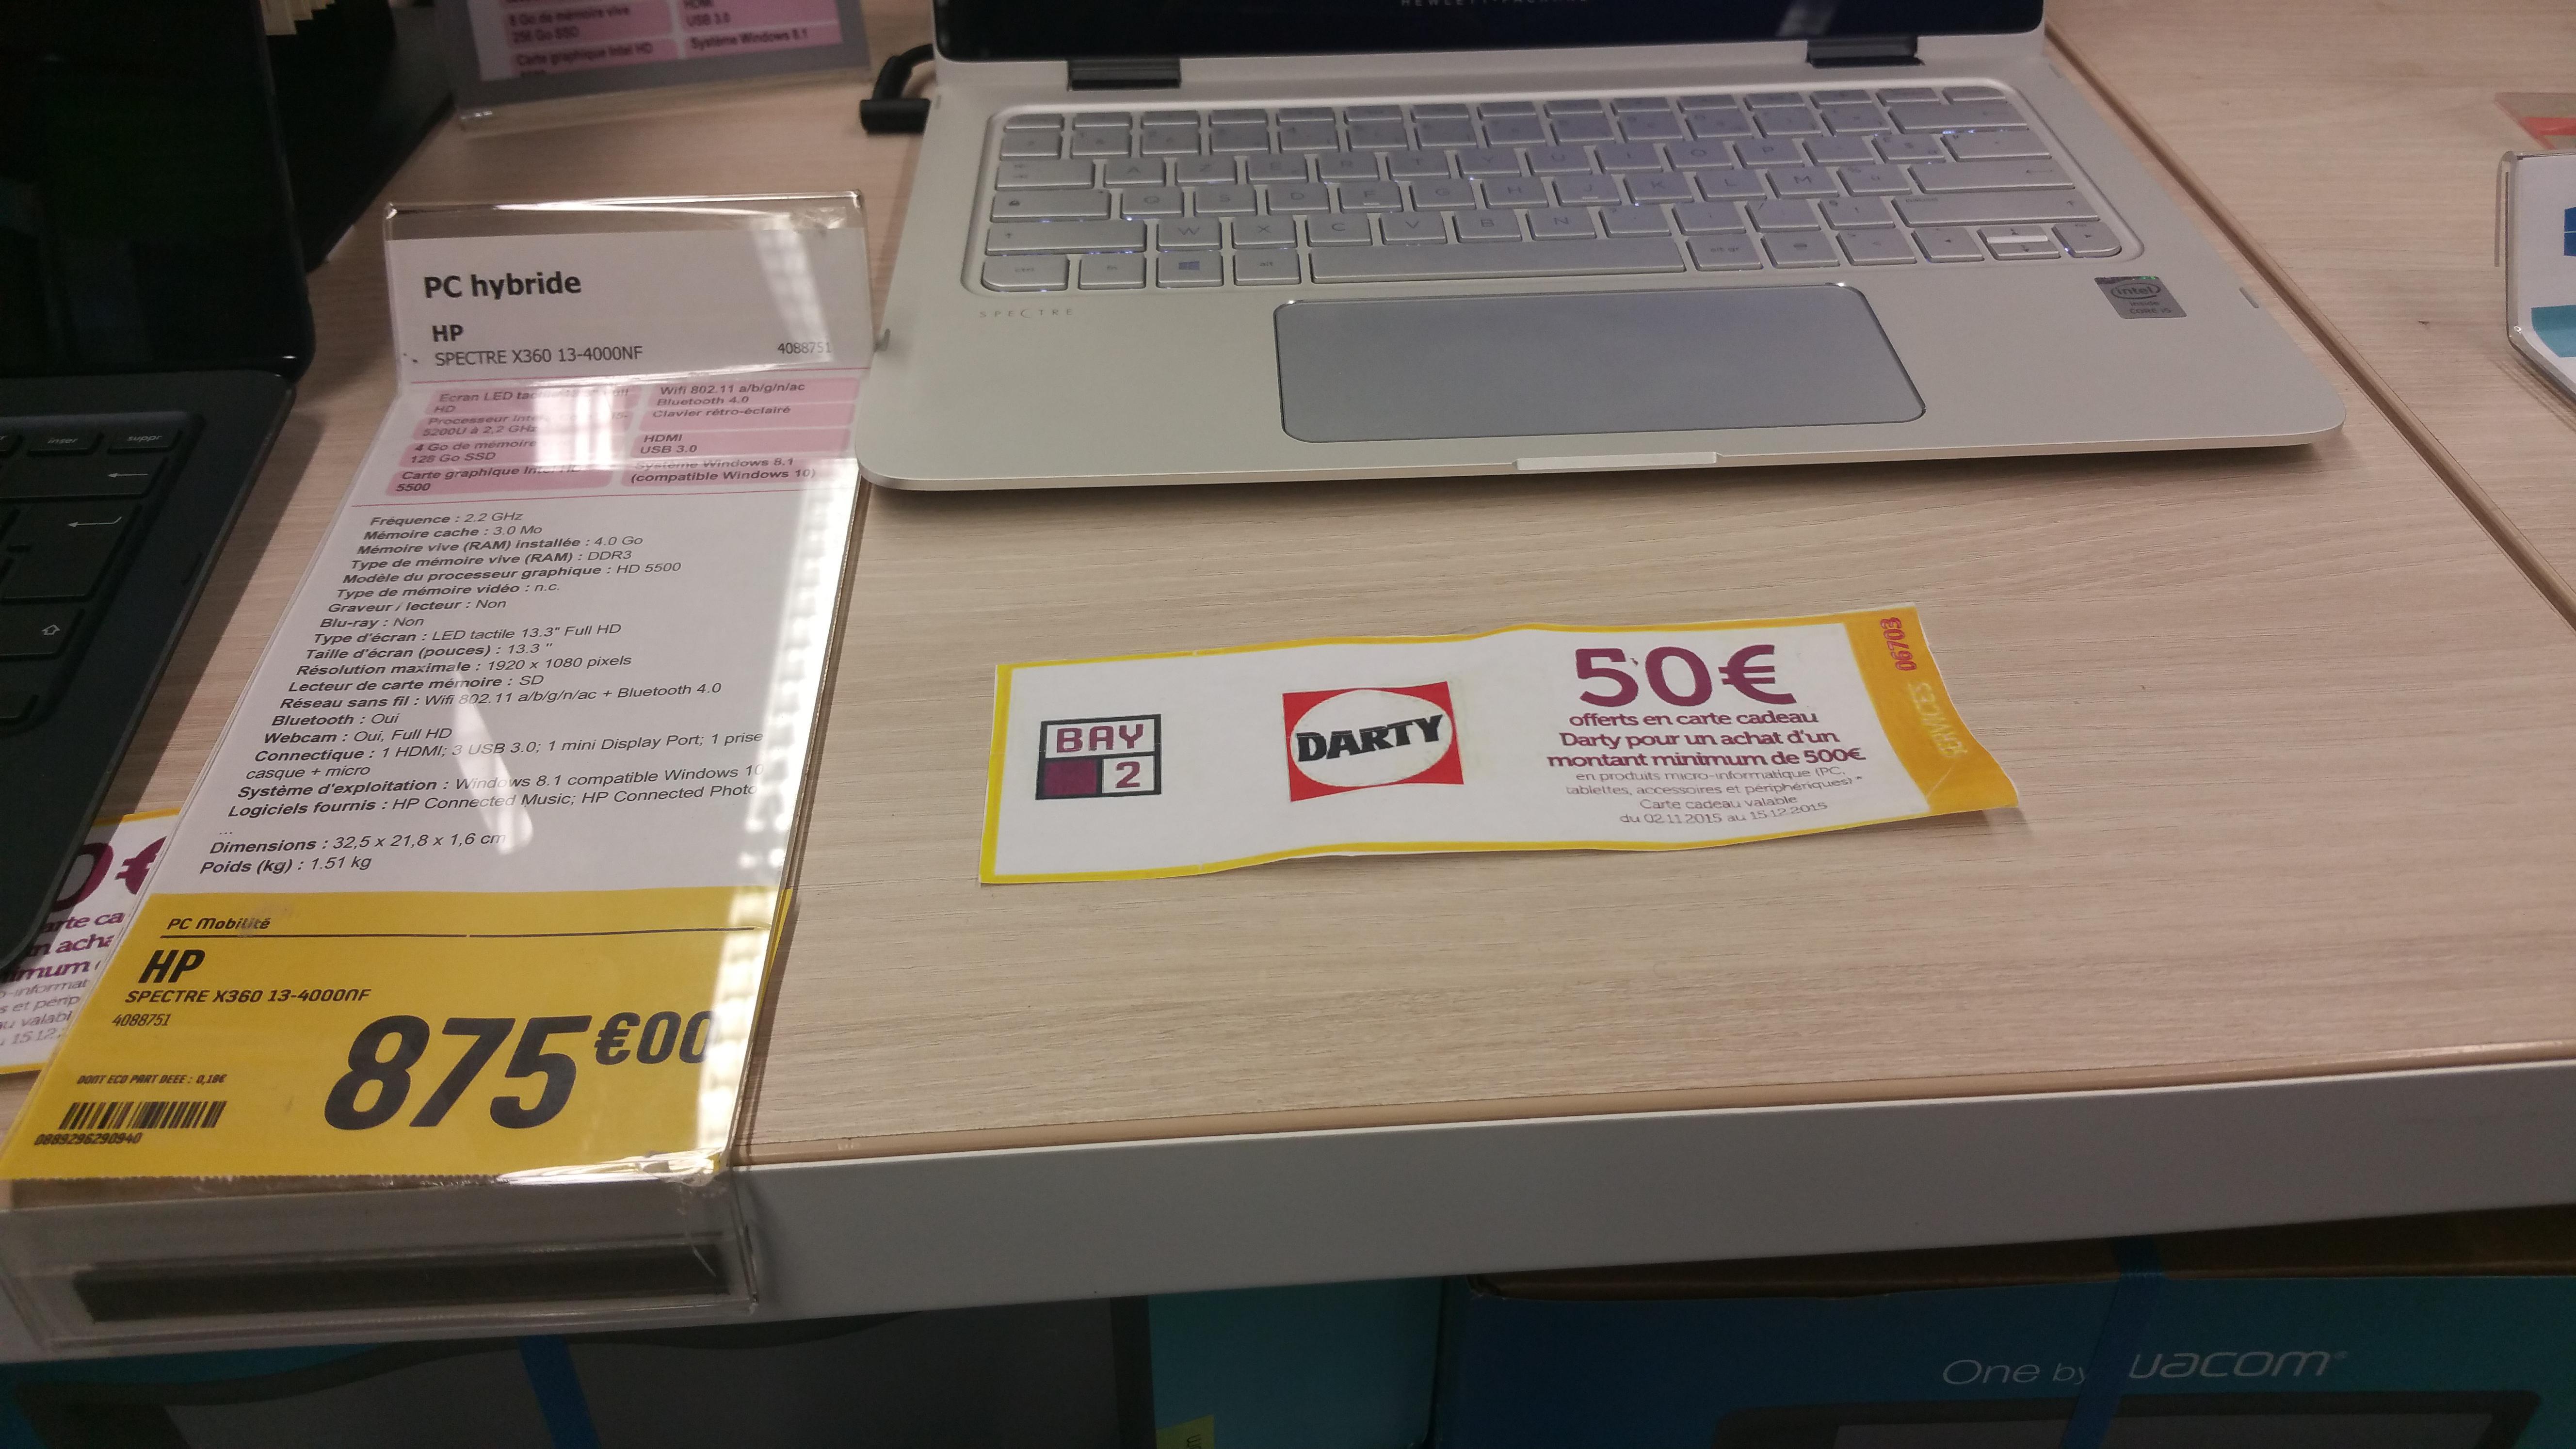 """PC Portable Hybride 13.3"""" HP Spectre x360 13-4000nf + 50€ en carte cadeau"""